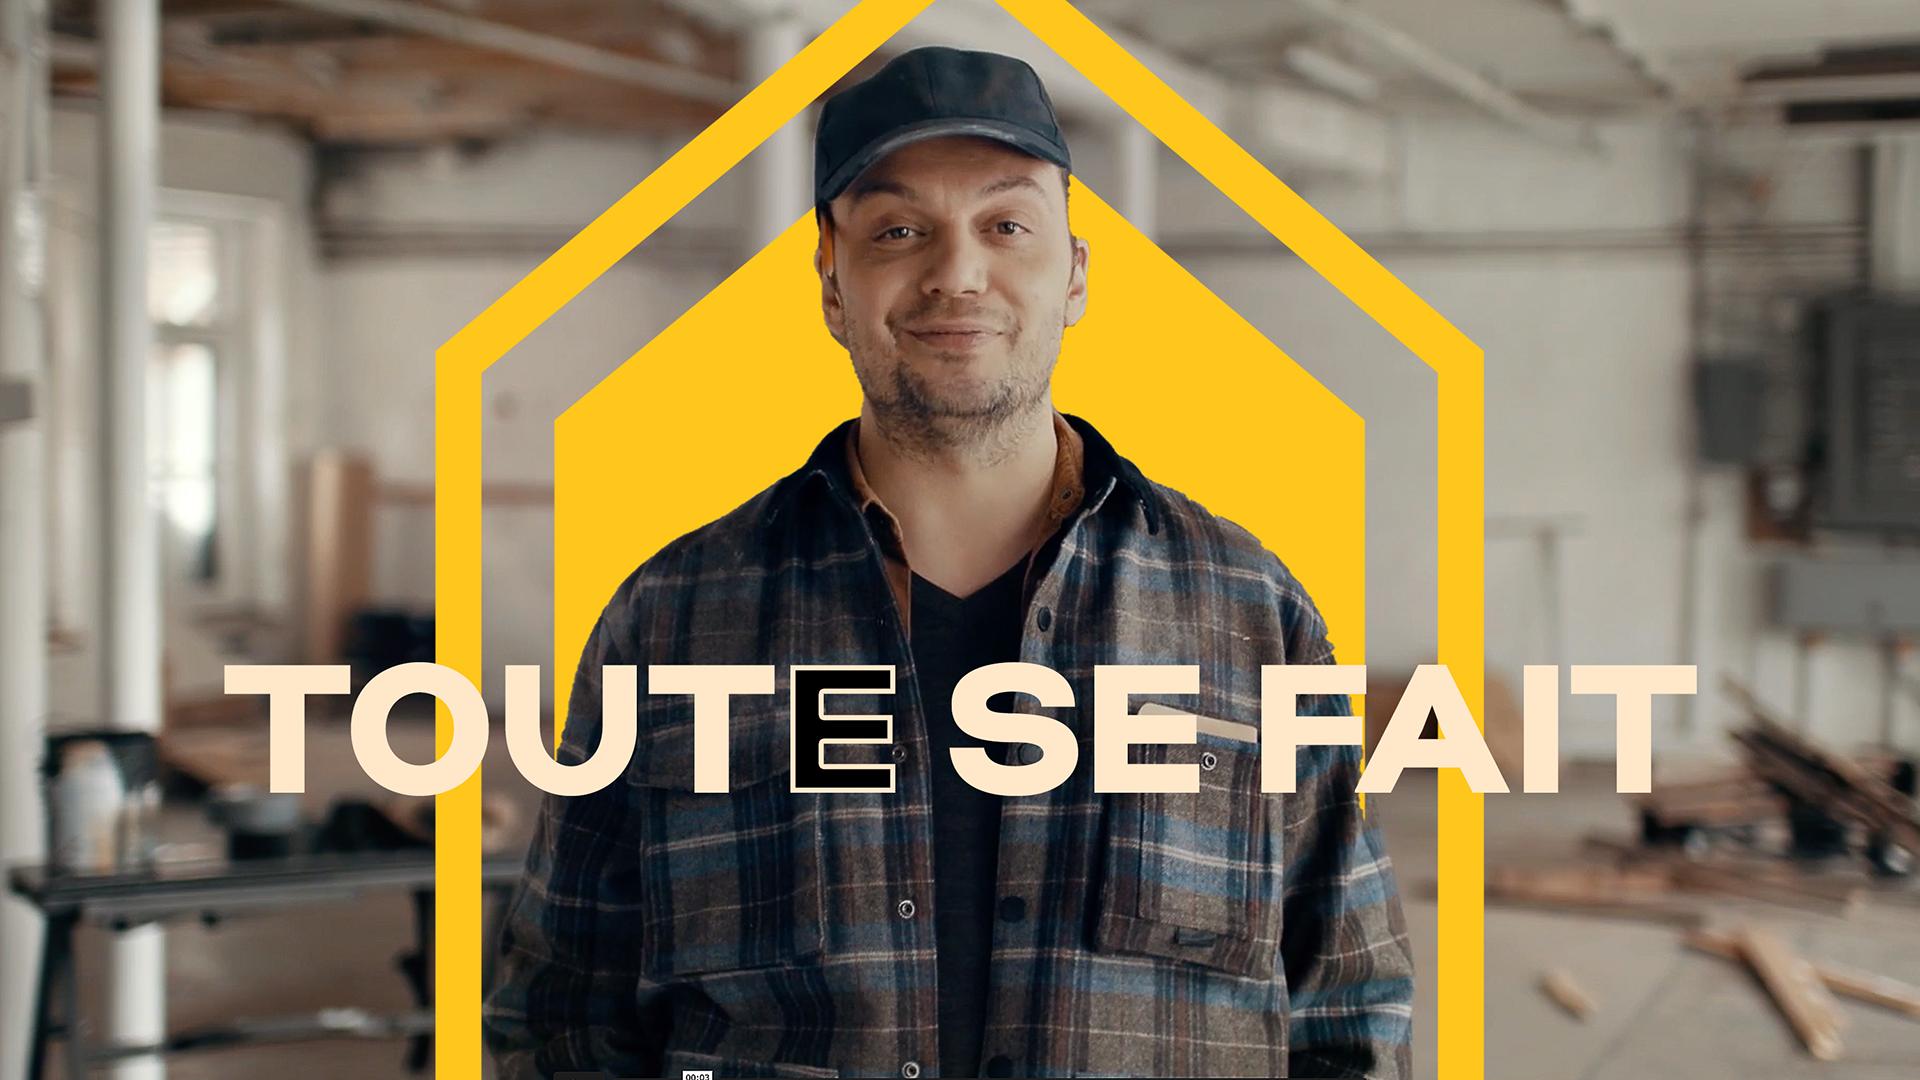 Campagne publicitaire télé   Slogan - Toute se fait   Salon National de l'Habitation